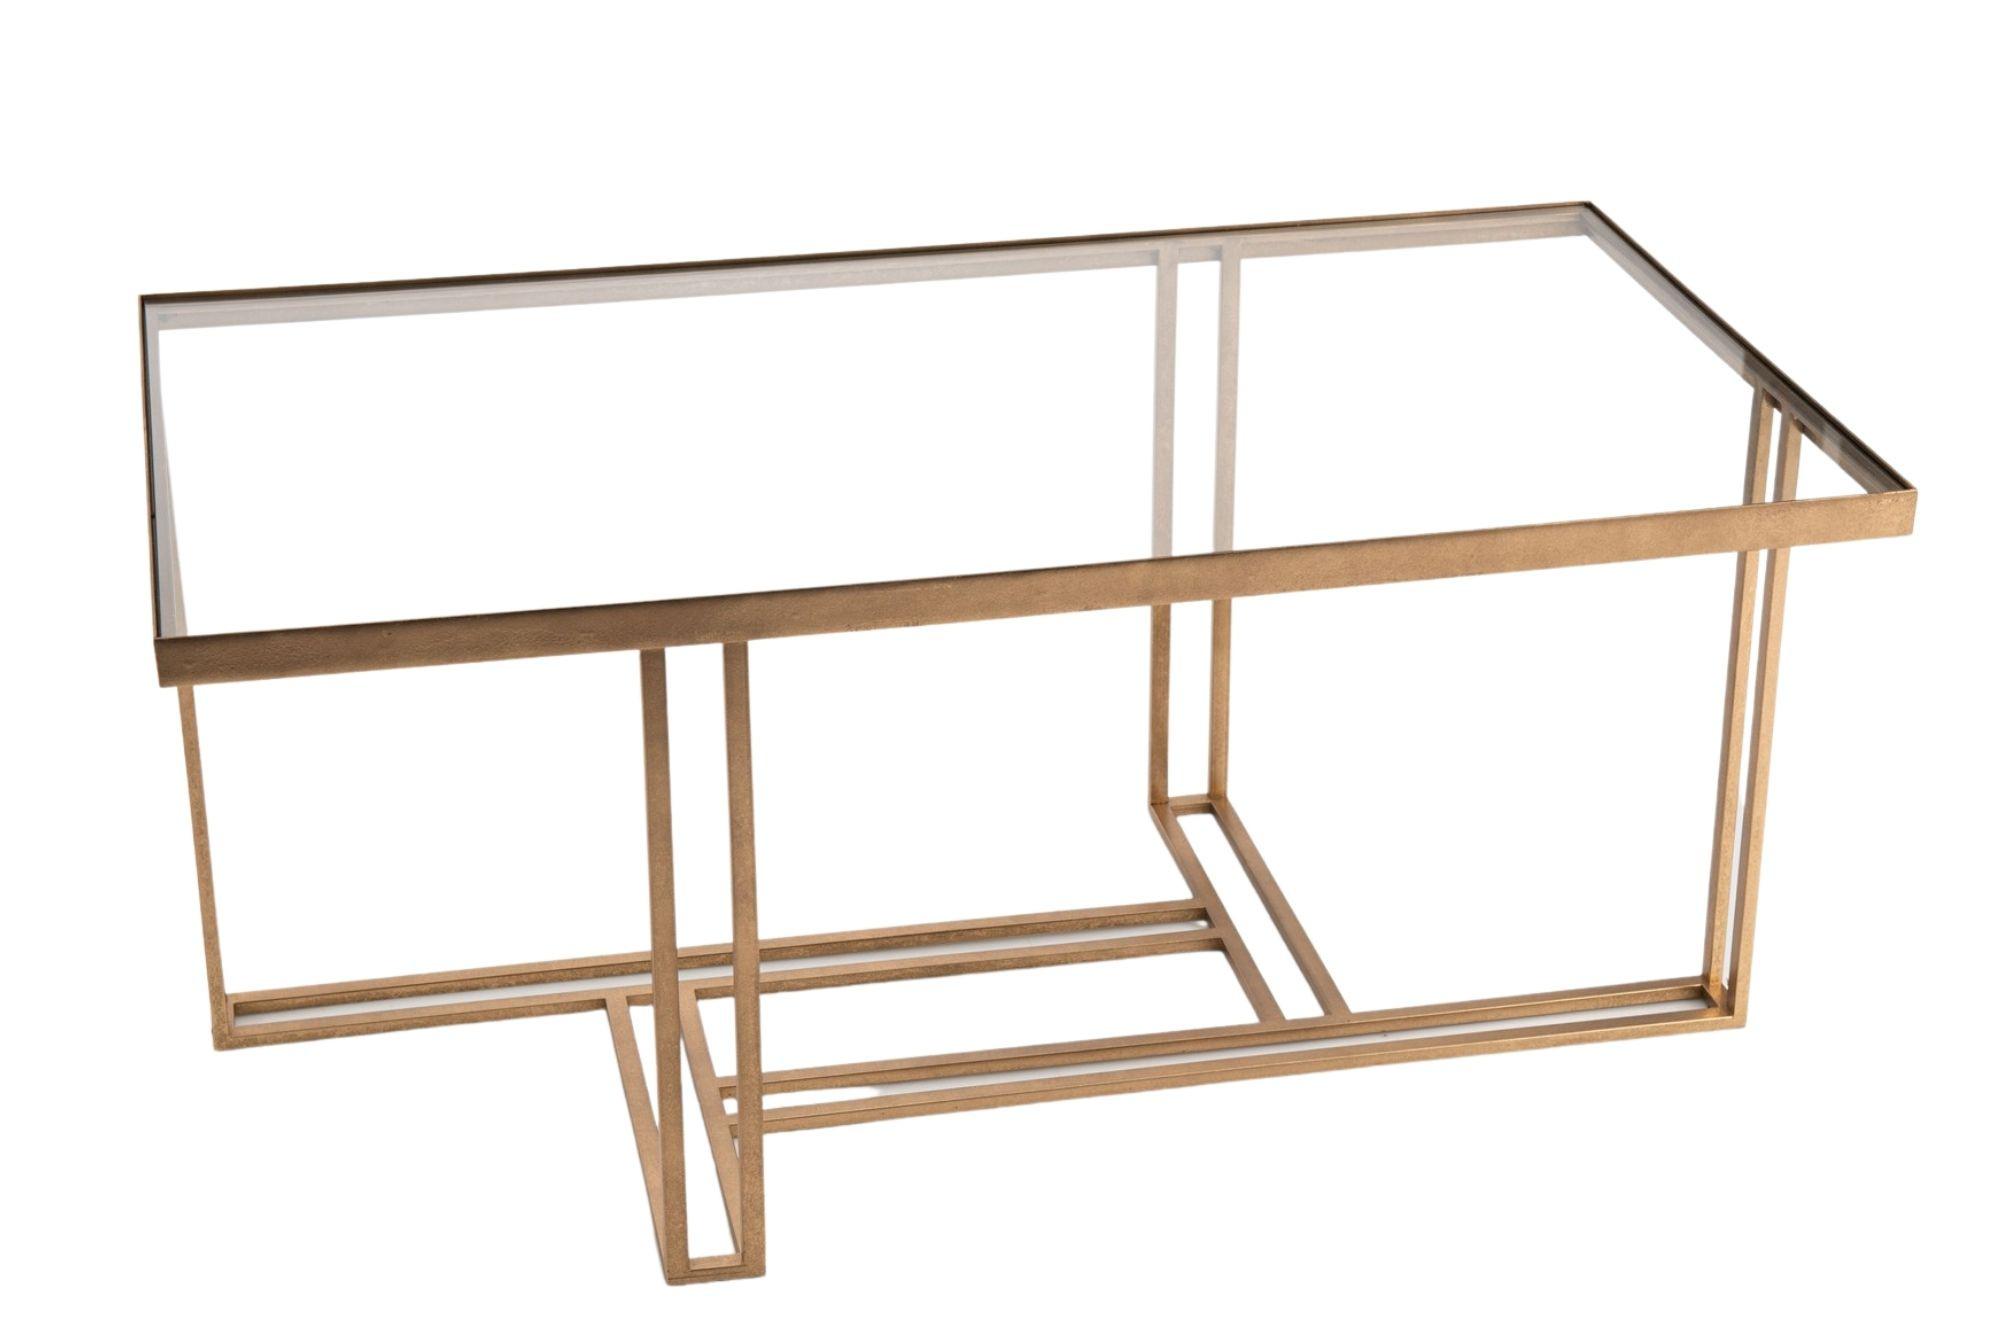 table basse rectangulaire en métal doré et verre